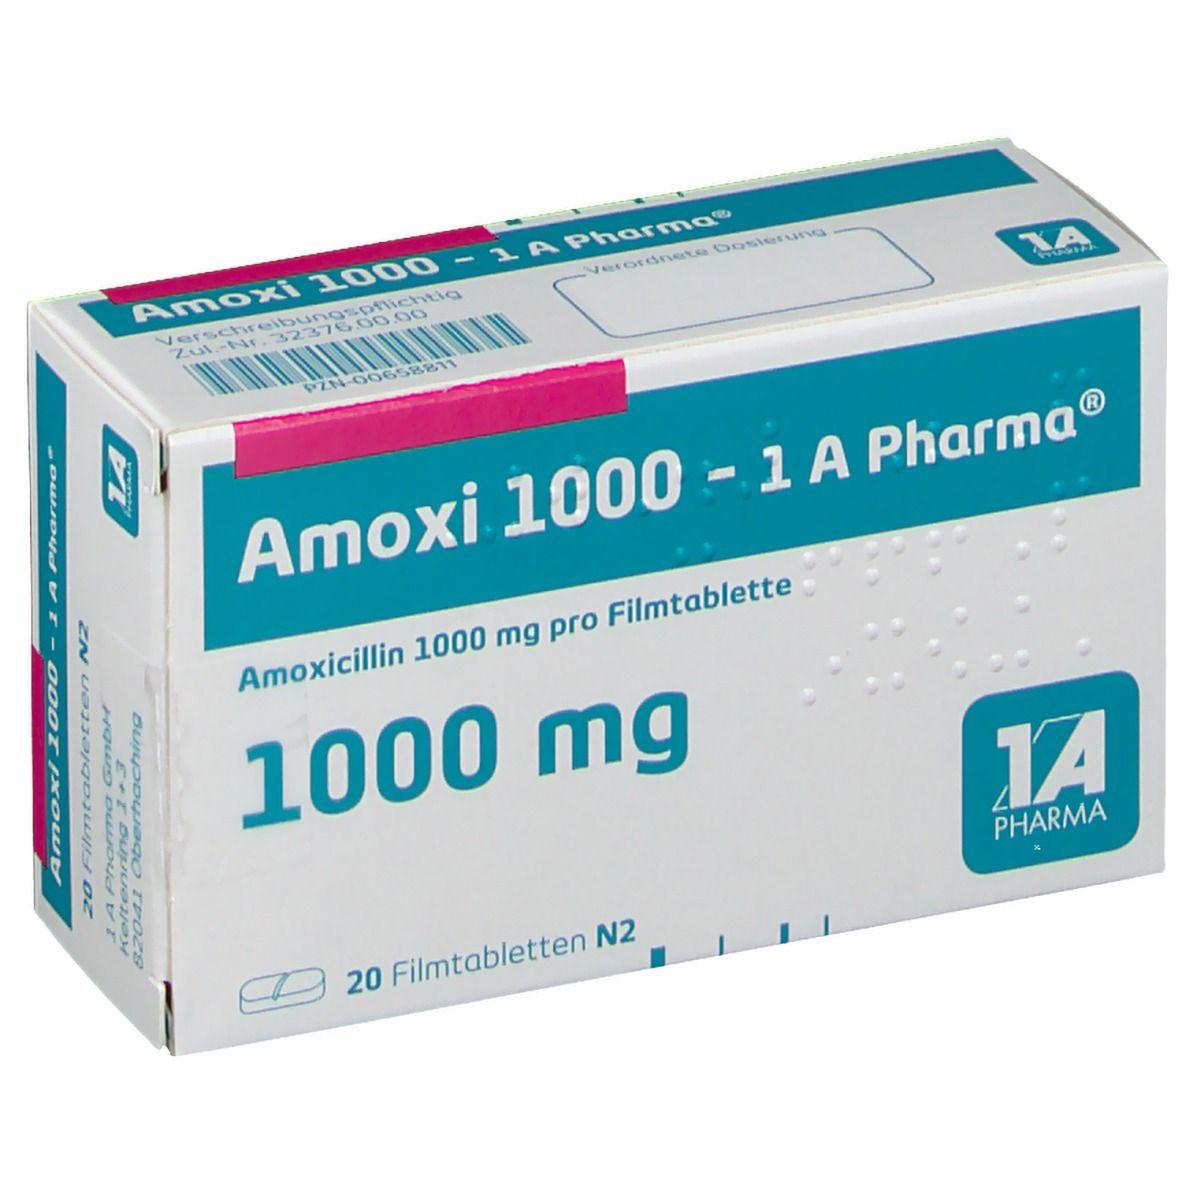 Amoxi 1000 1a Pharma Filmtabletten